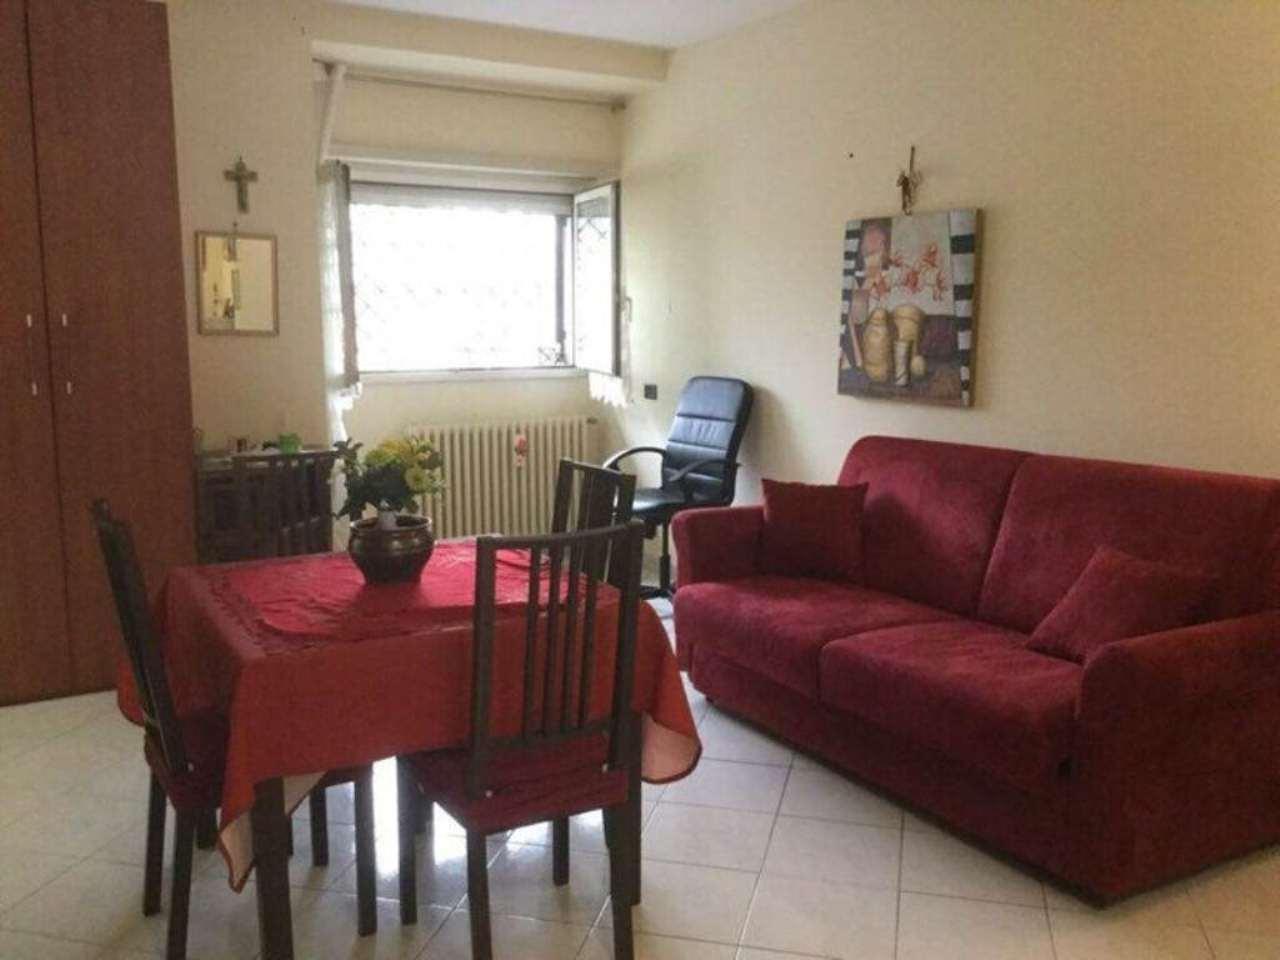 Appartamento in vendita a Roma, 1 locali, zona Zona: 10 . Pigneto, Largo Preneste, prezzo € 145.000   Cambio Casa.it